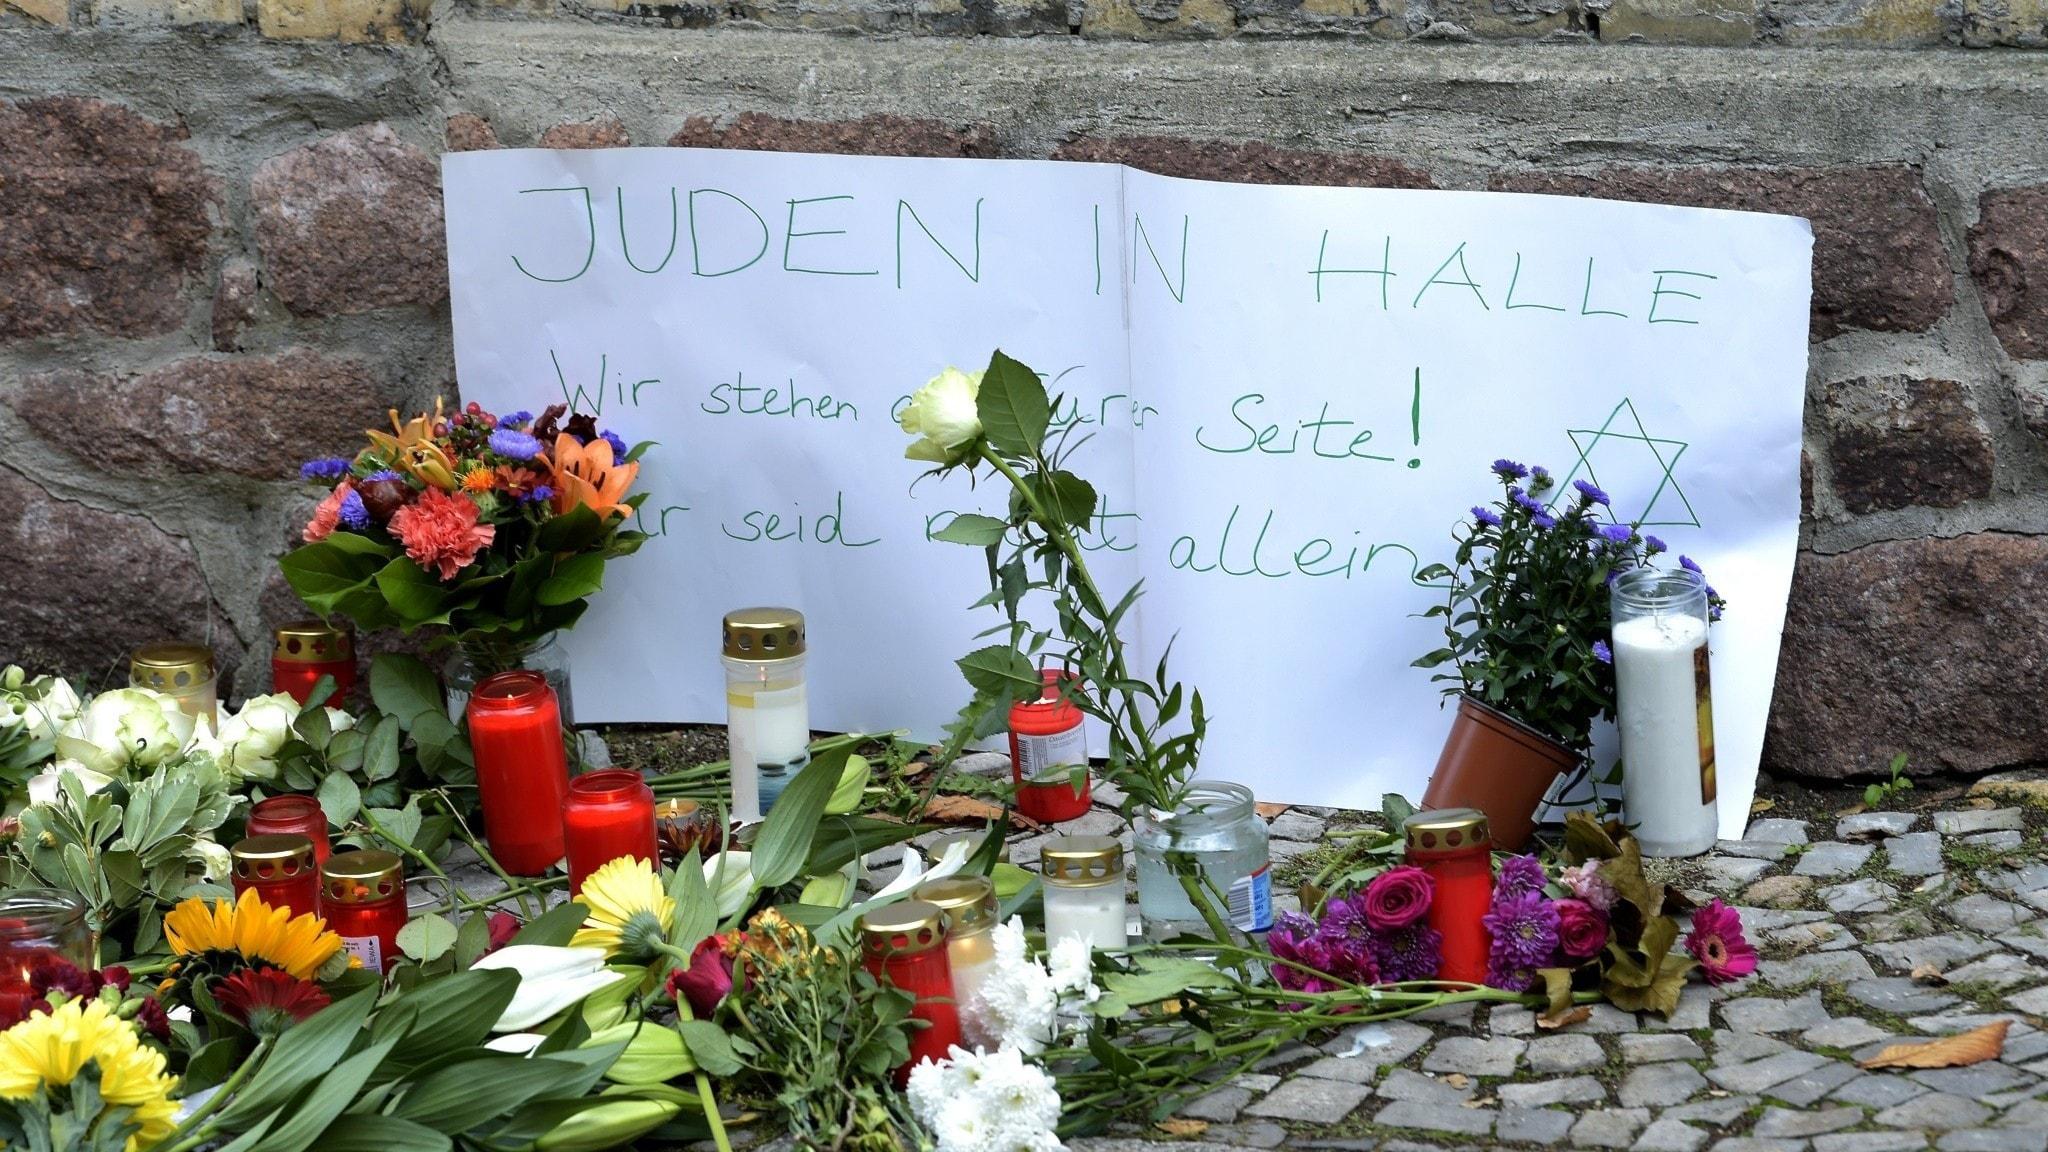 Den nya terrorn del 3 - hotet mot judarna